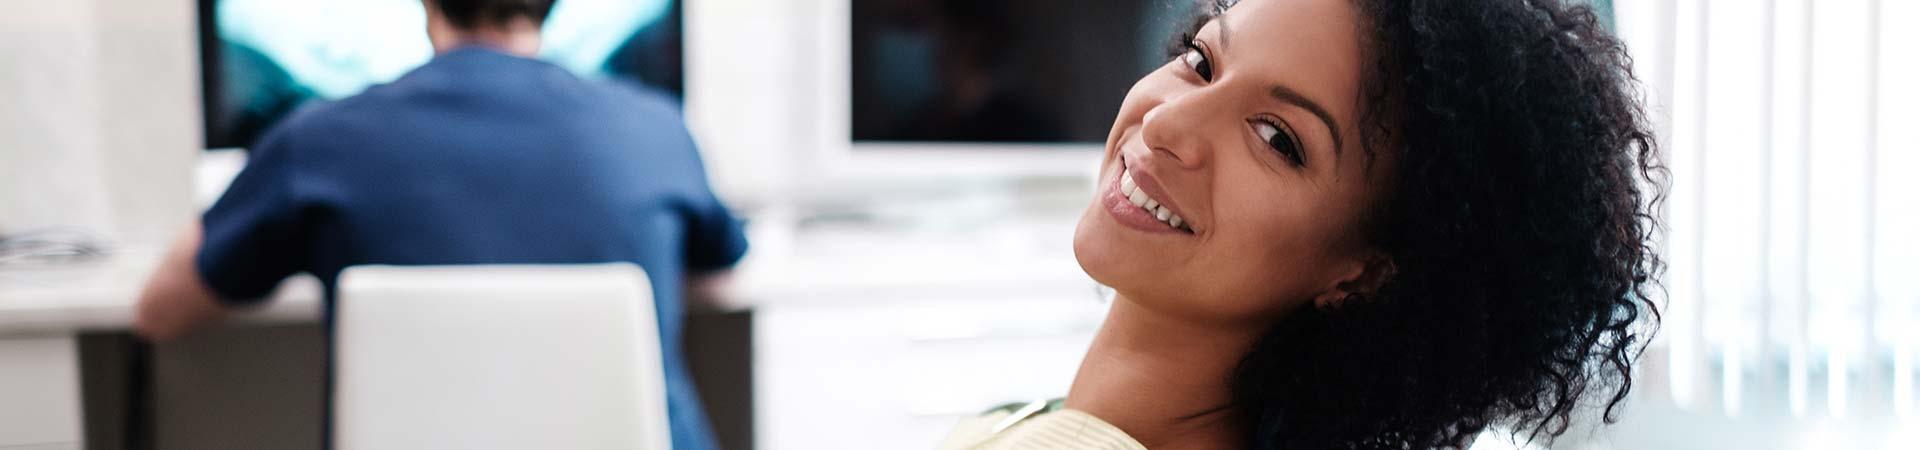 Woman at dental chair Marietta, GA.